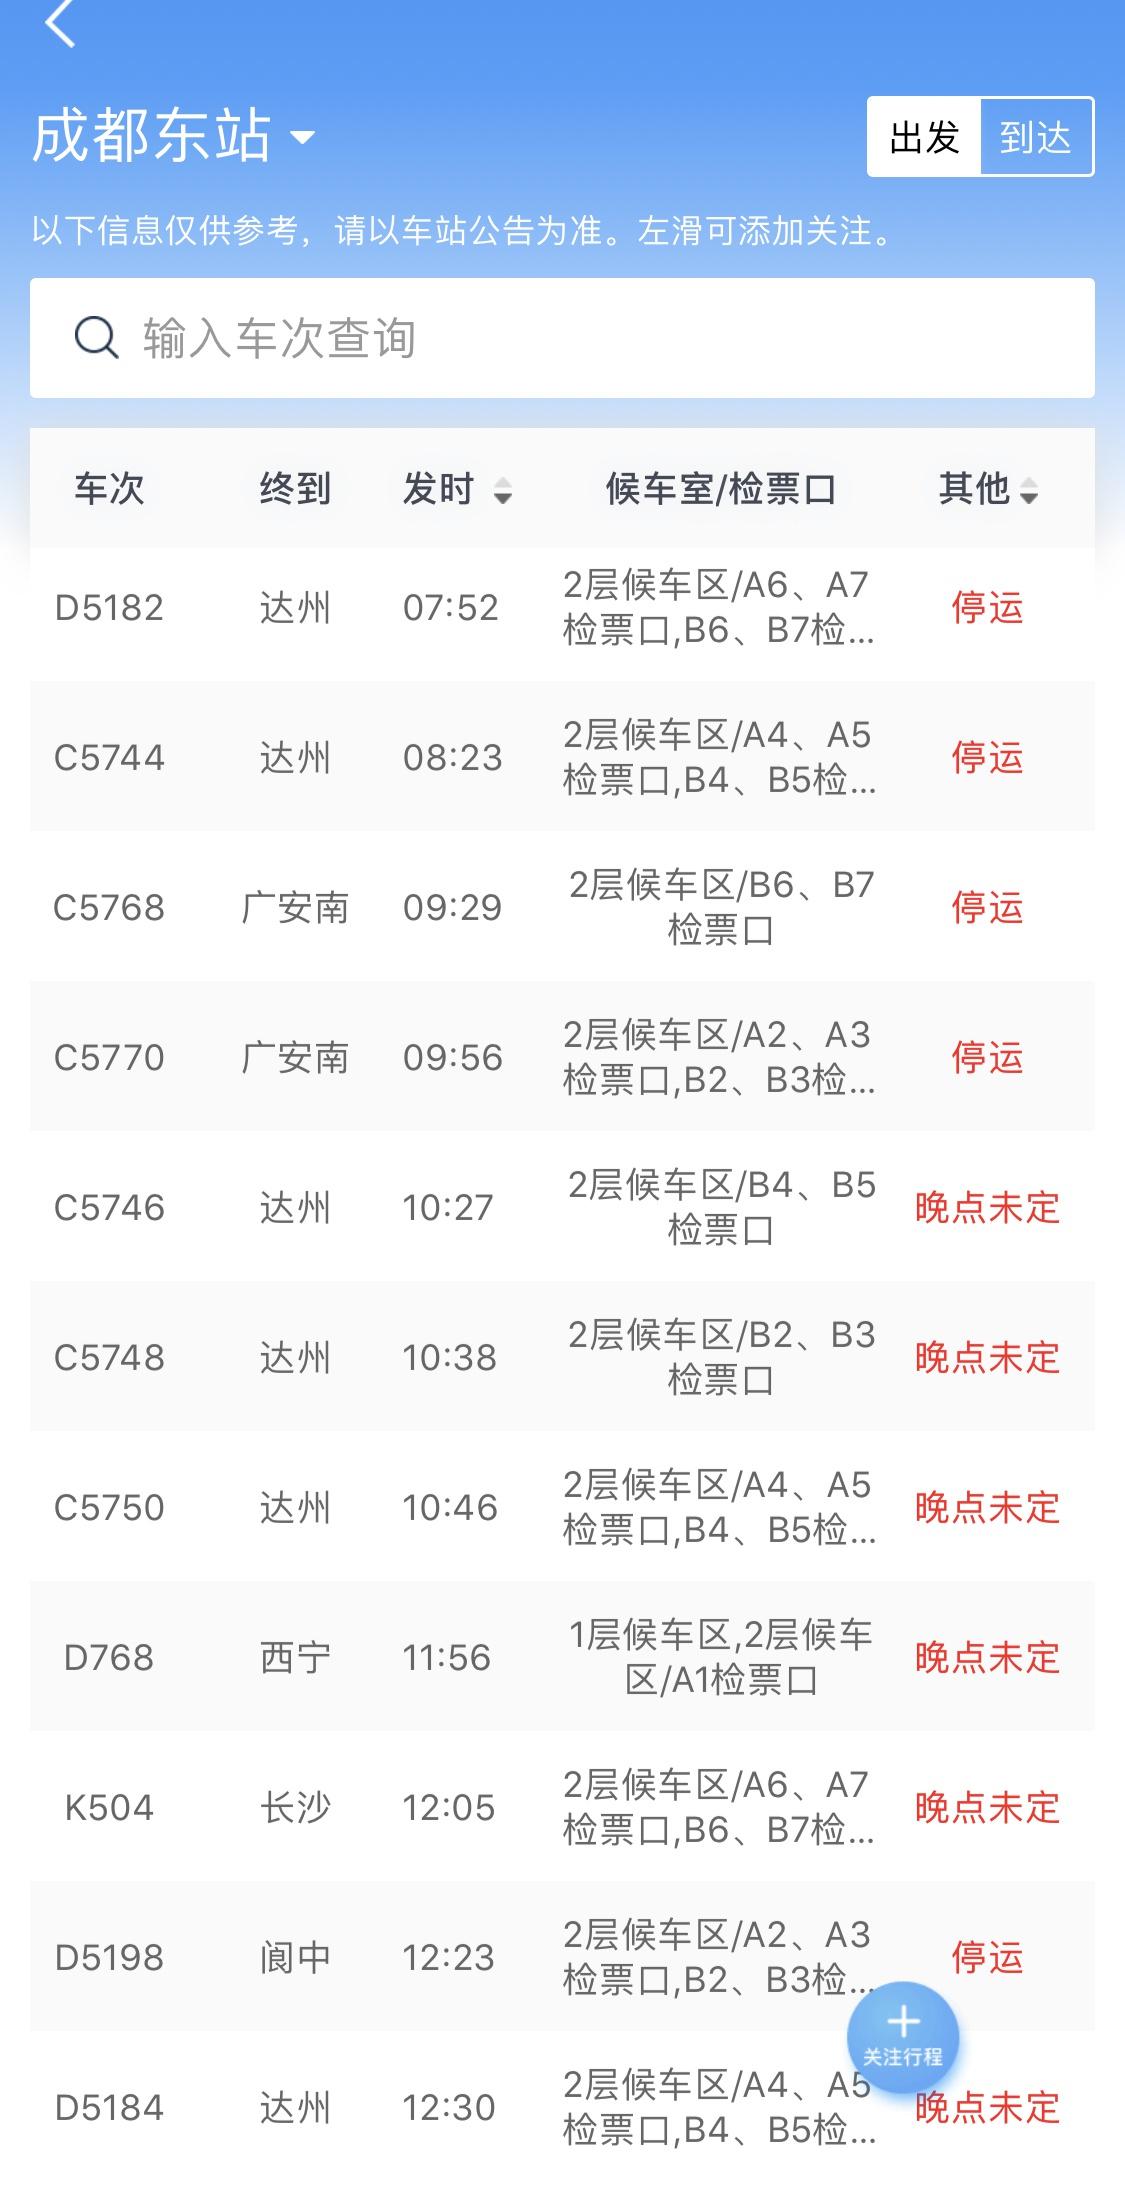 成都东站停运或晚点的部分车次。 12306客户端 截图